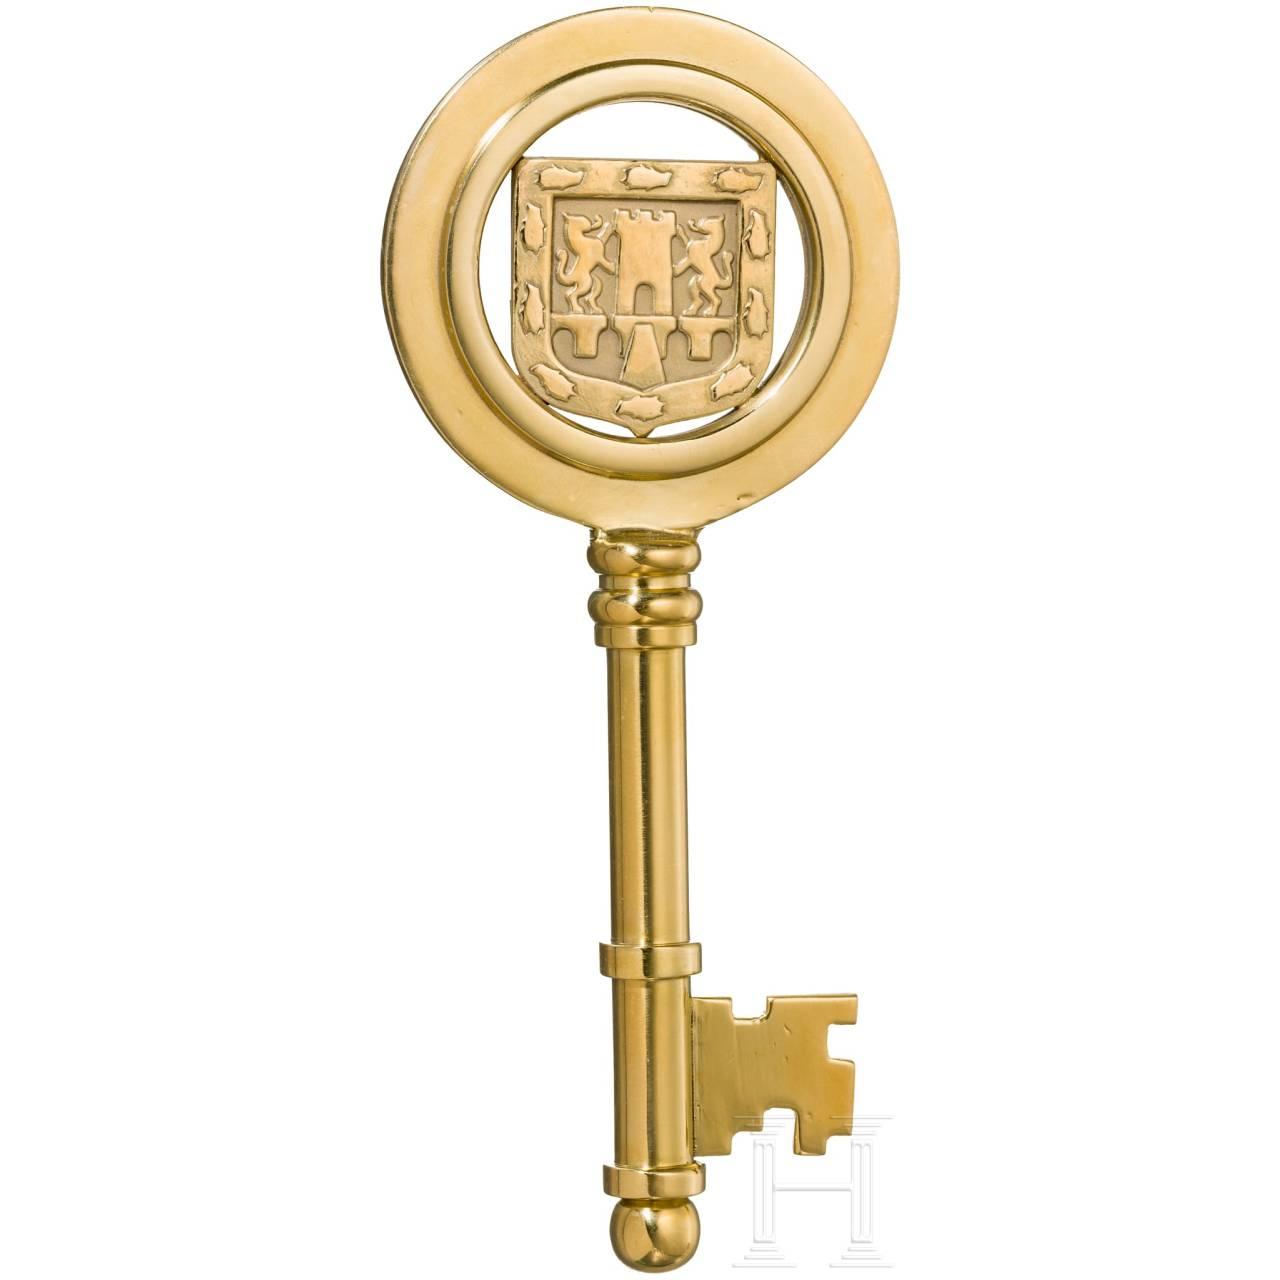 An honorary key of Mexico City, circa1950 - 1960